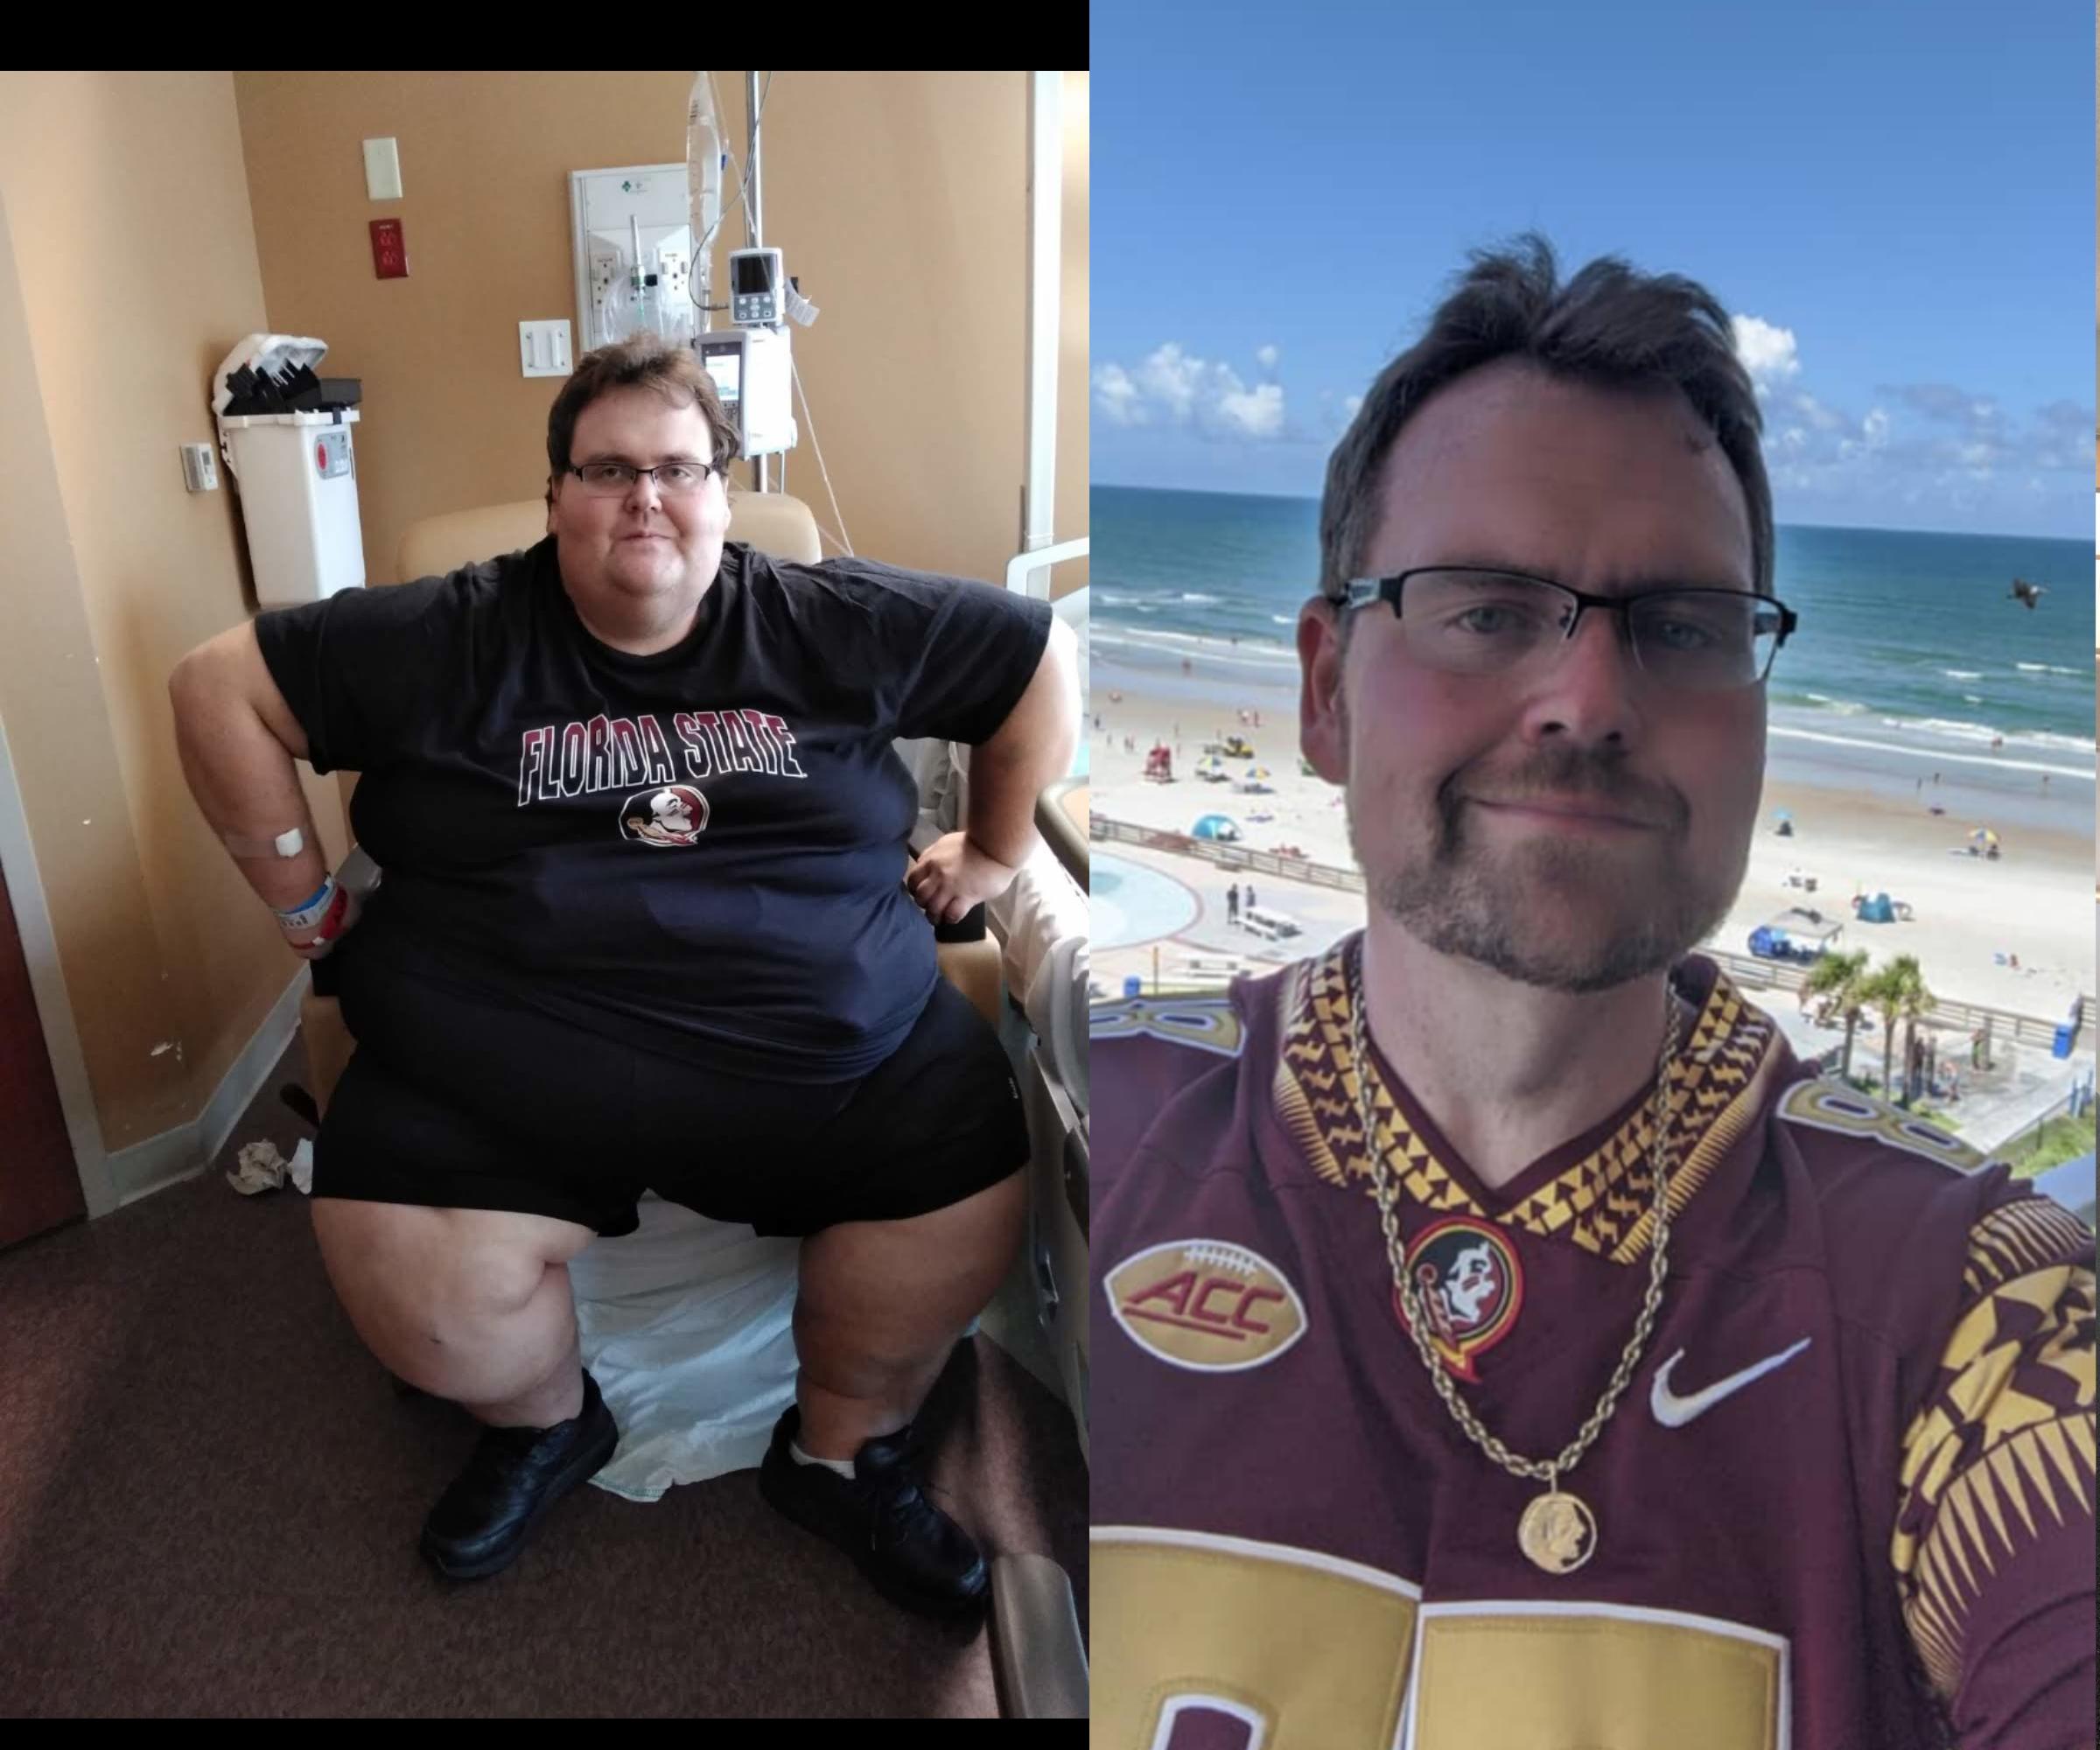 Progress Pics of 342 lbs Fat Loss 6 foot Male 587 lbs to 245 lbs